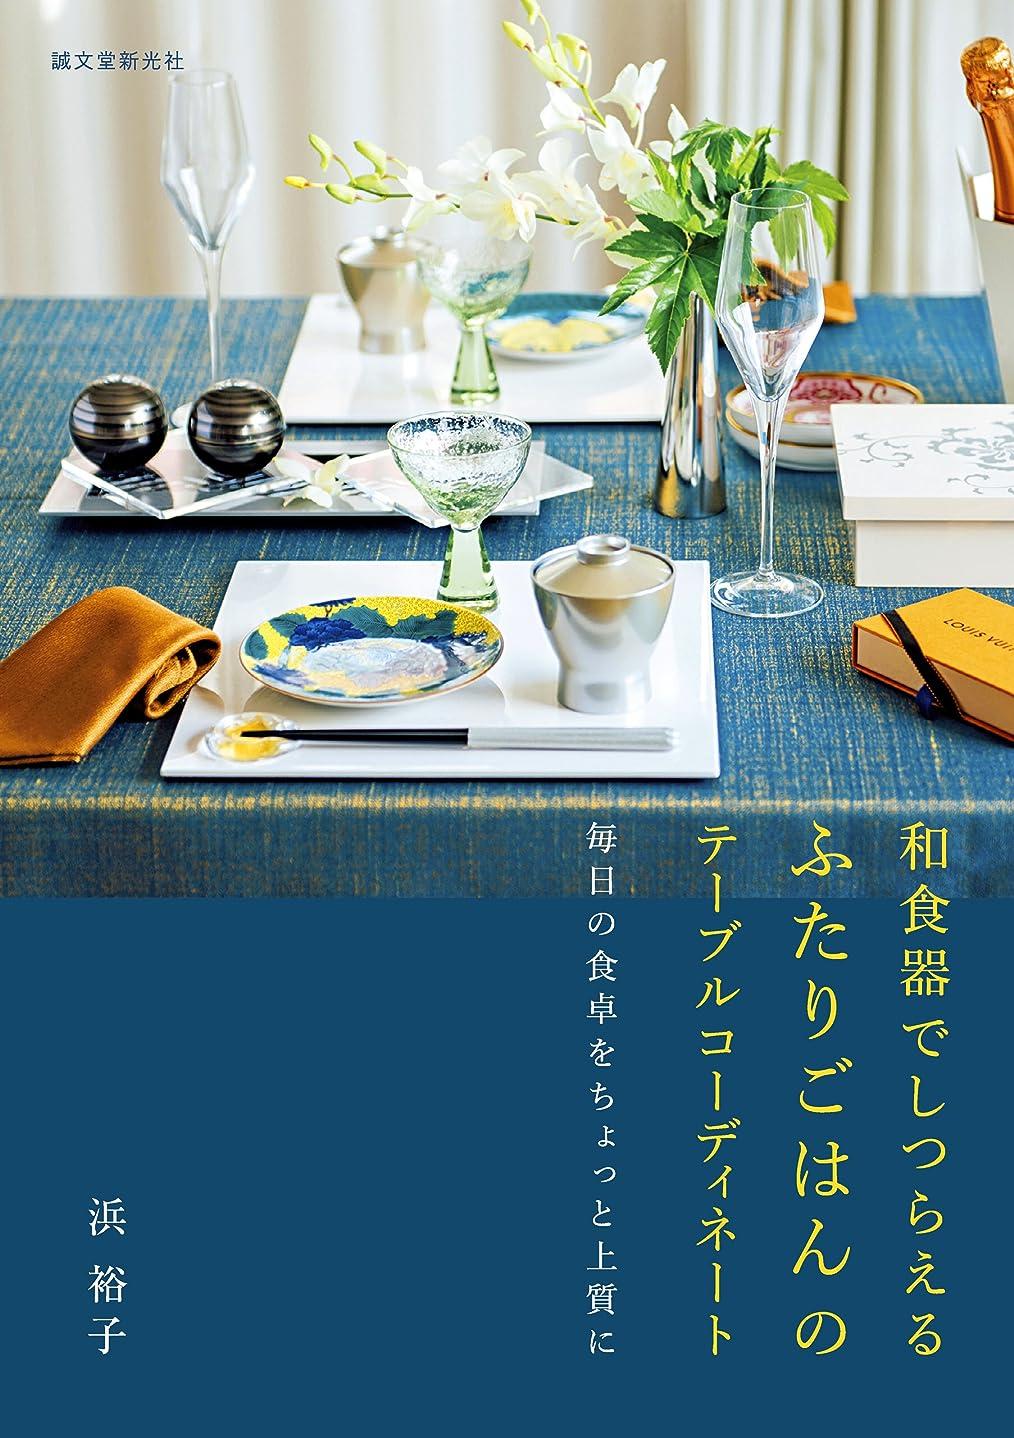 に同意する嵐の密和食器でしつらえる ふたりごはんのテーブルコーディネート:毎日の食卓をちょっと上質に